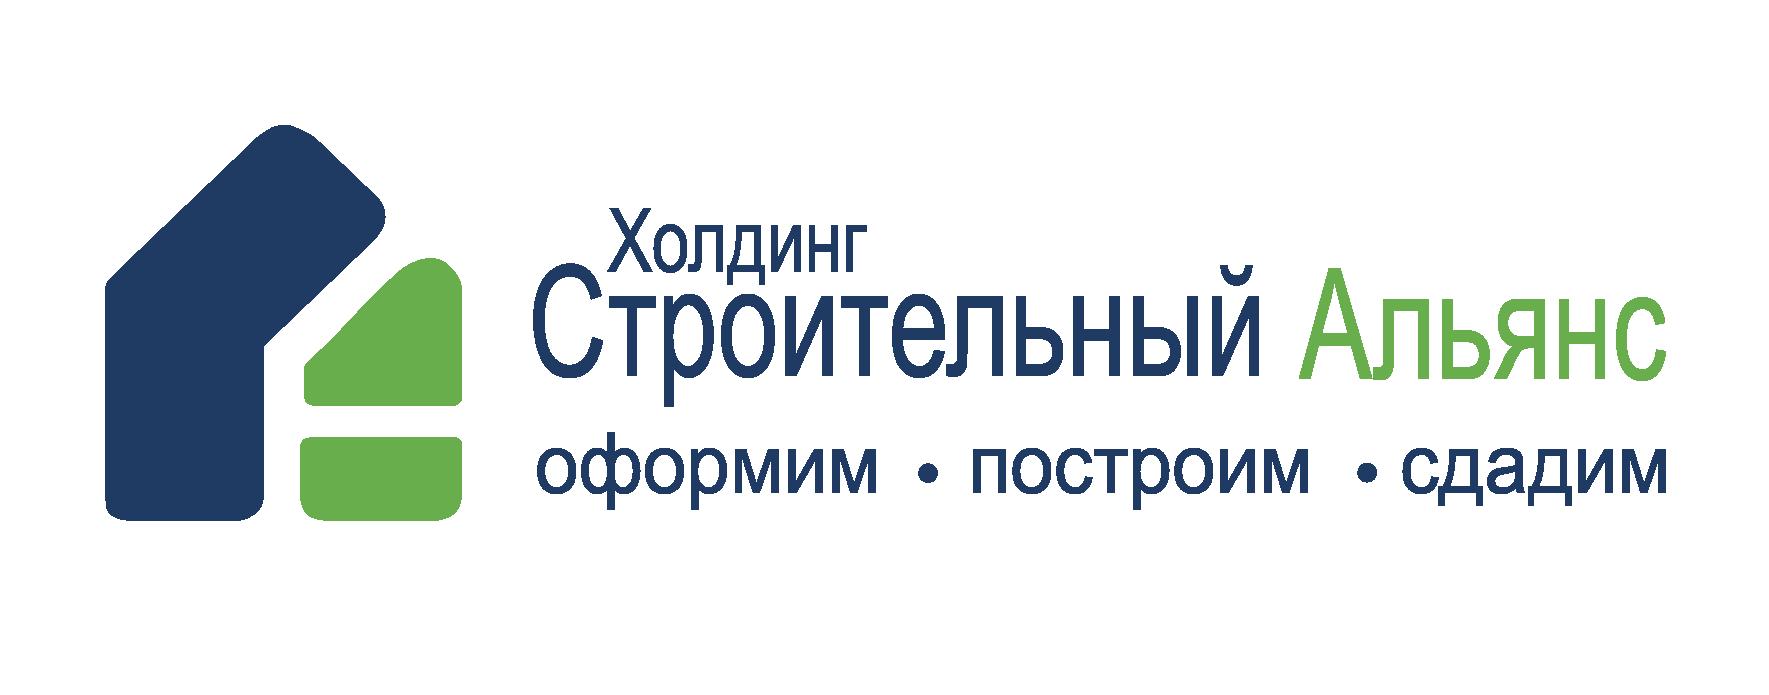 Холдинг «Строительный Альянс» построил в Подольске торговый центр